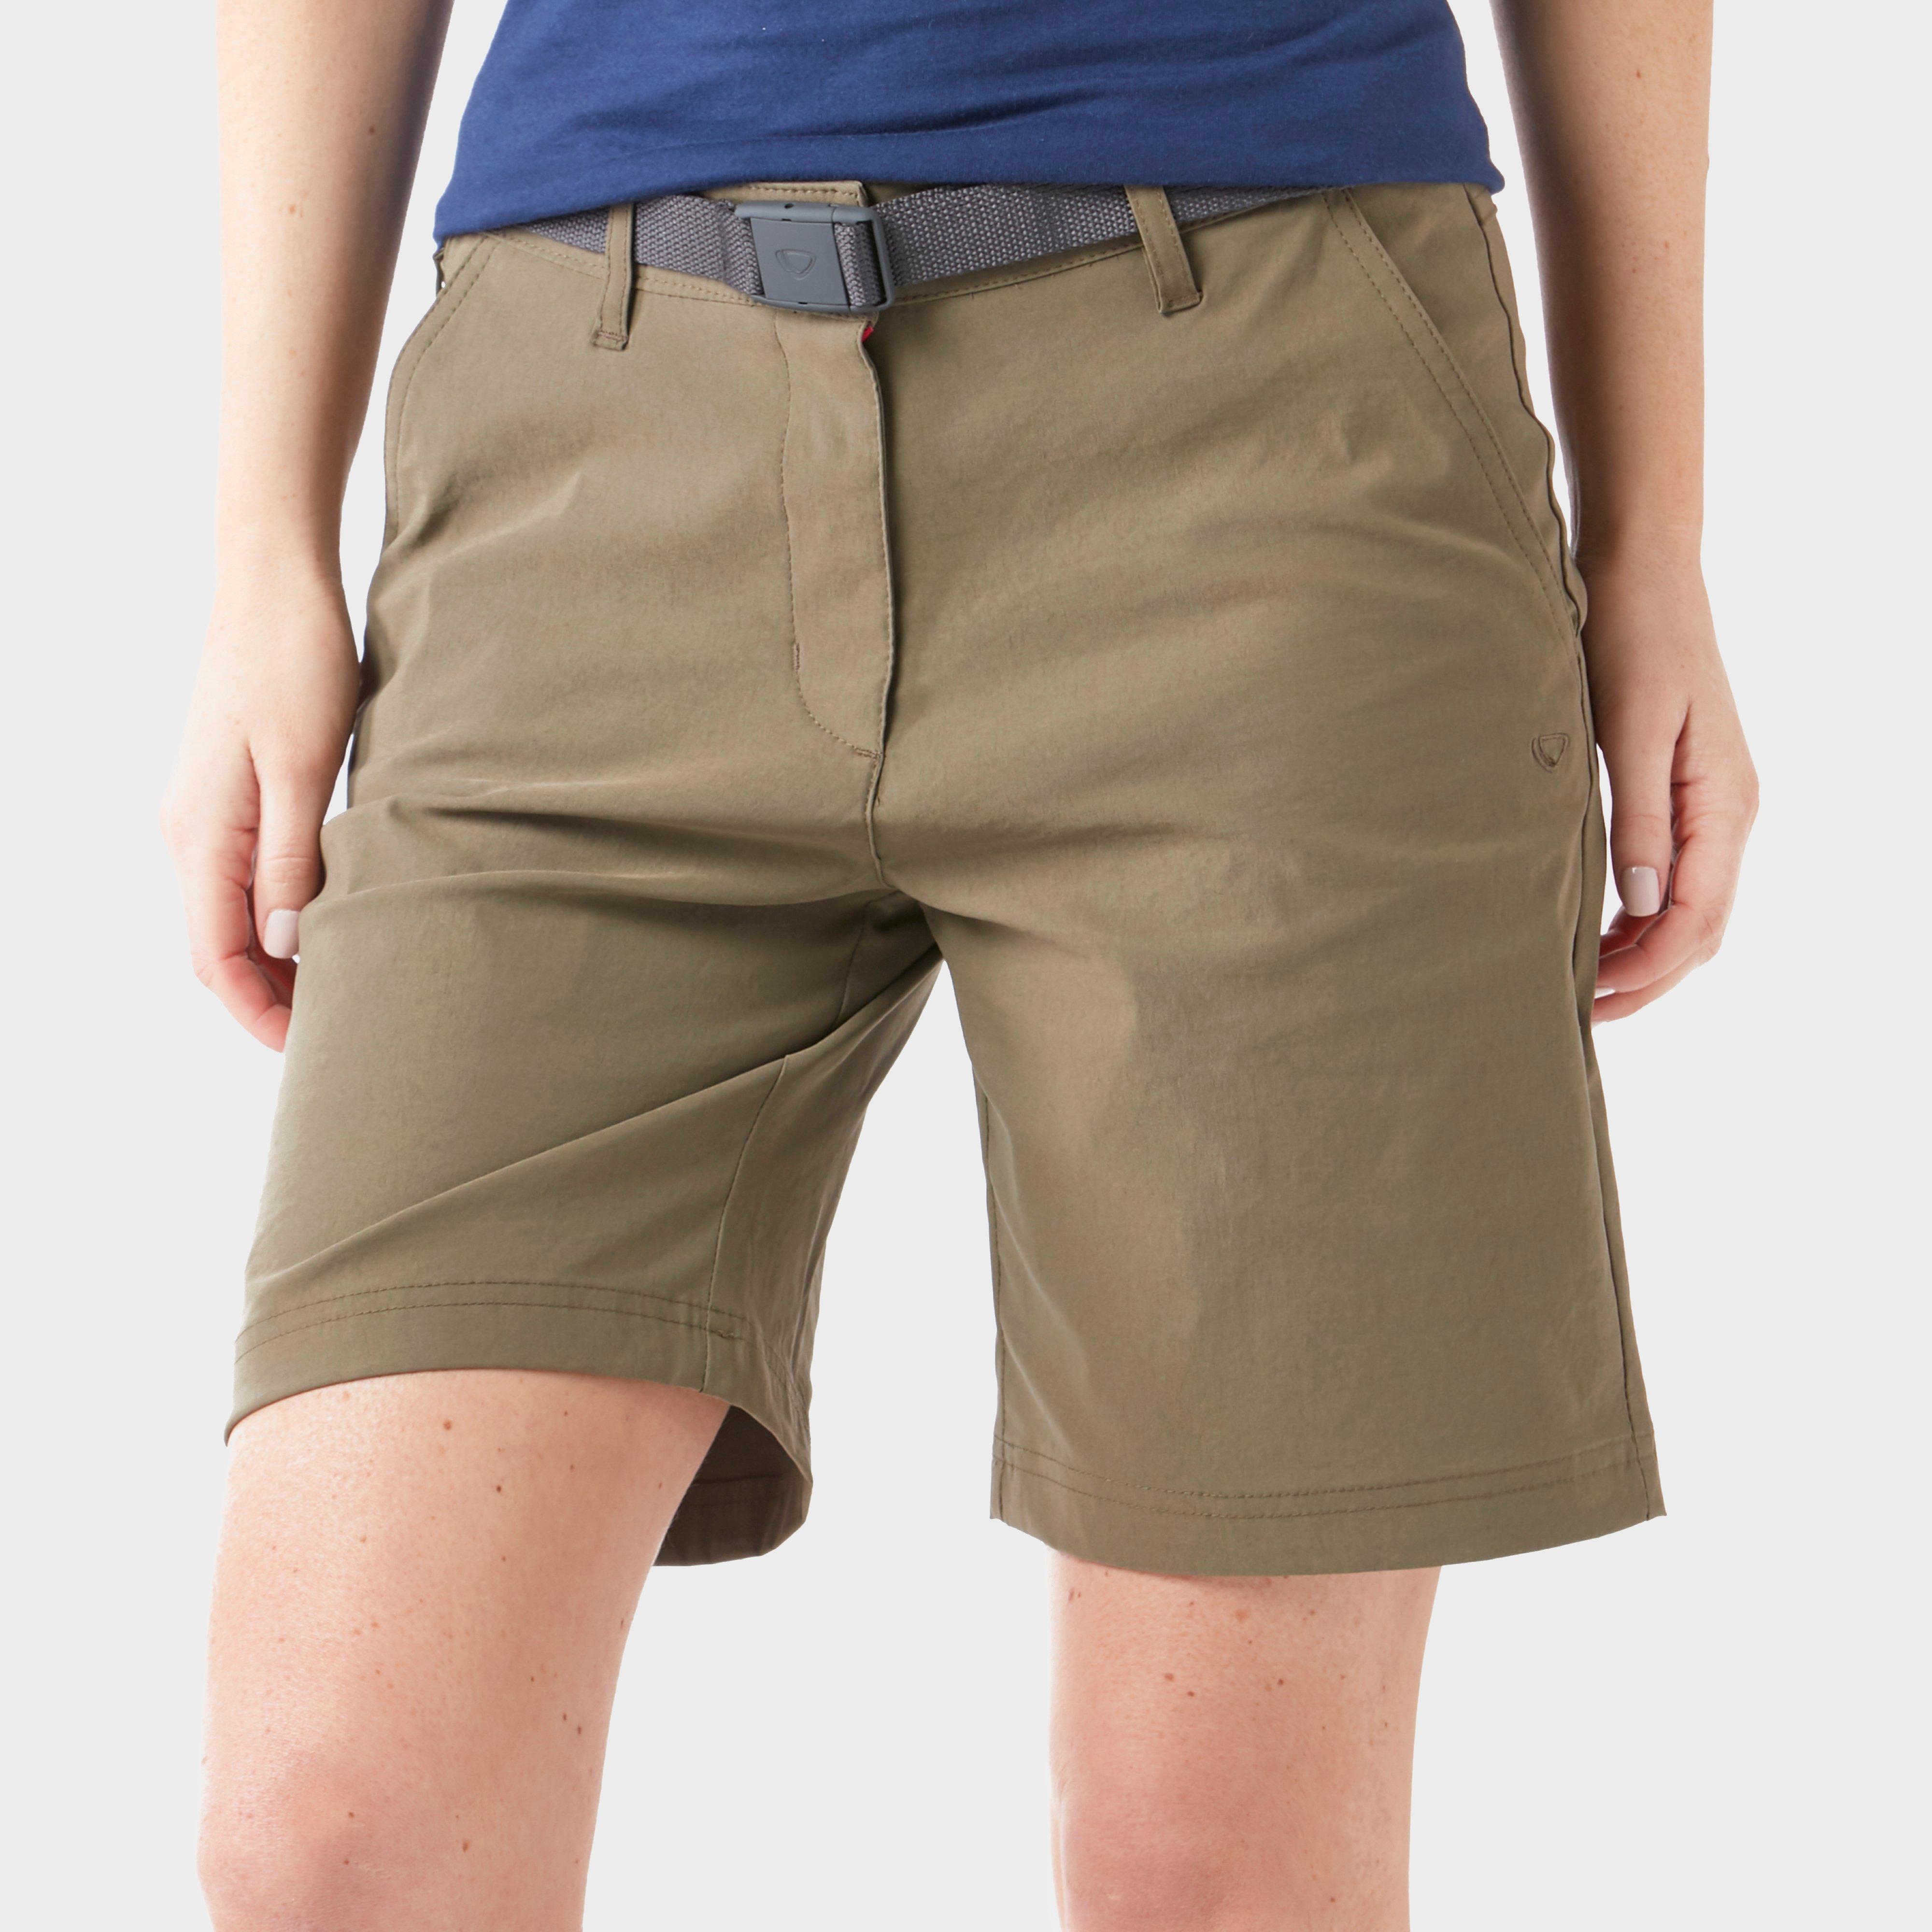 Brasher Womens Stretch Shorts - Khaki/khk  Khaki/khk